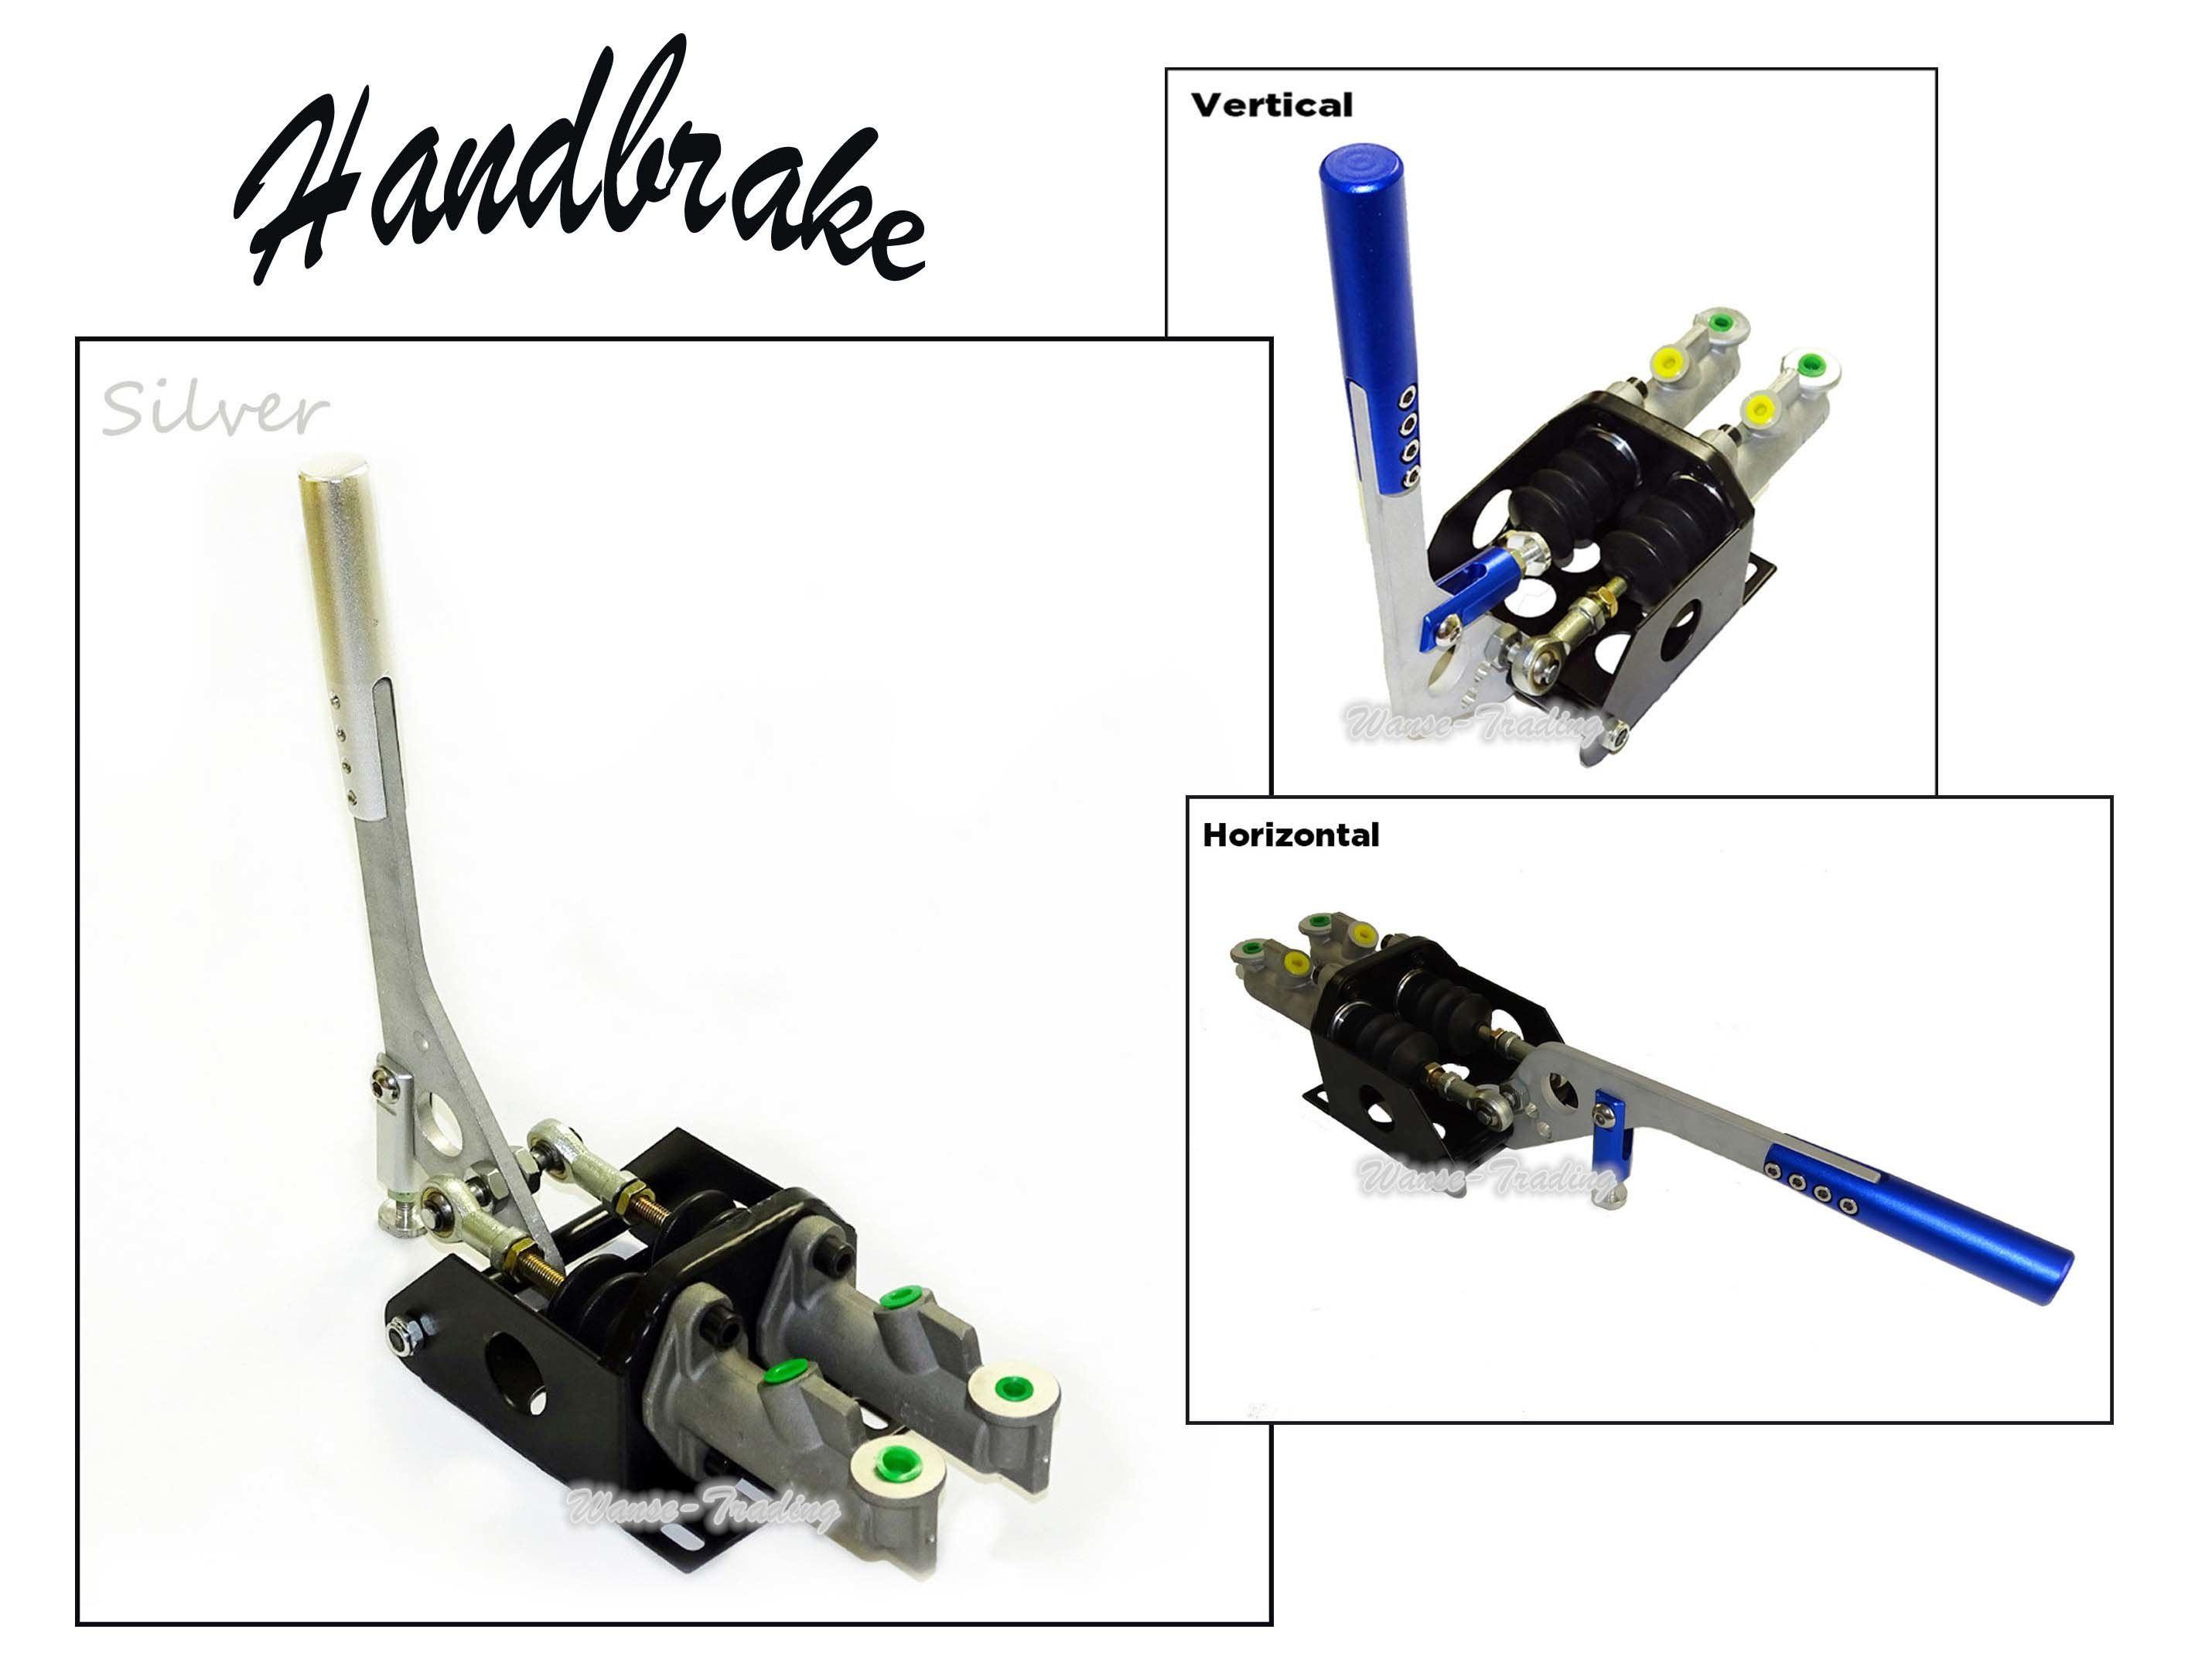 hydraulic handbrake installation instructions